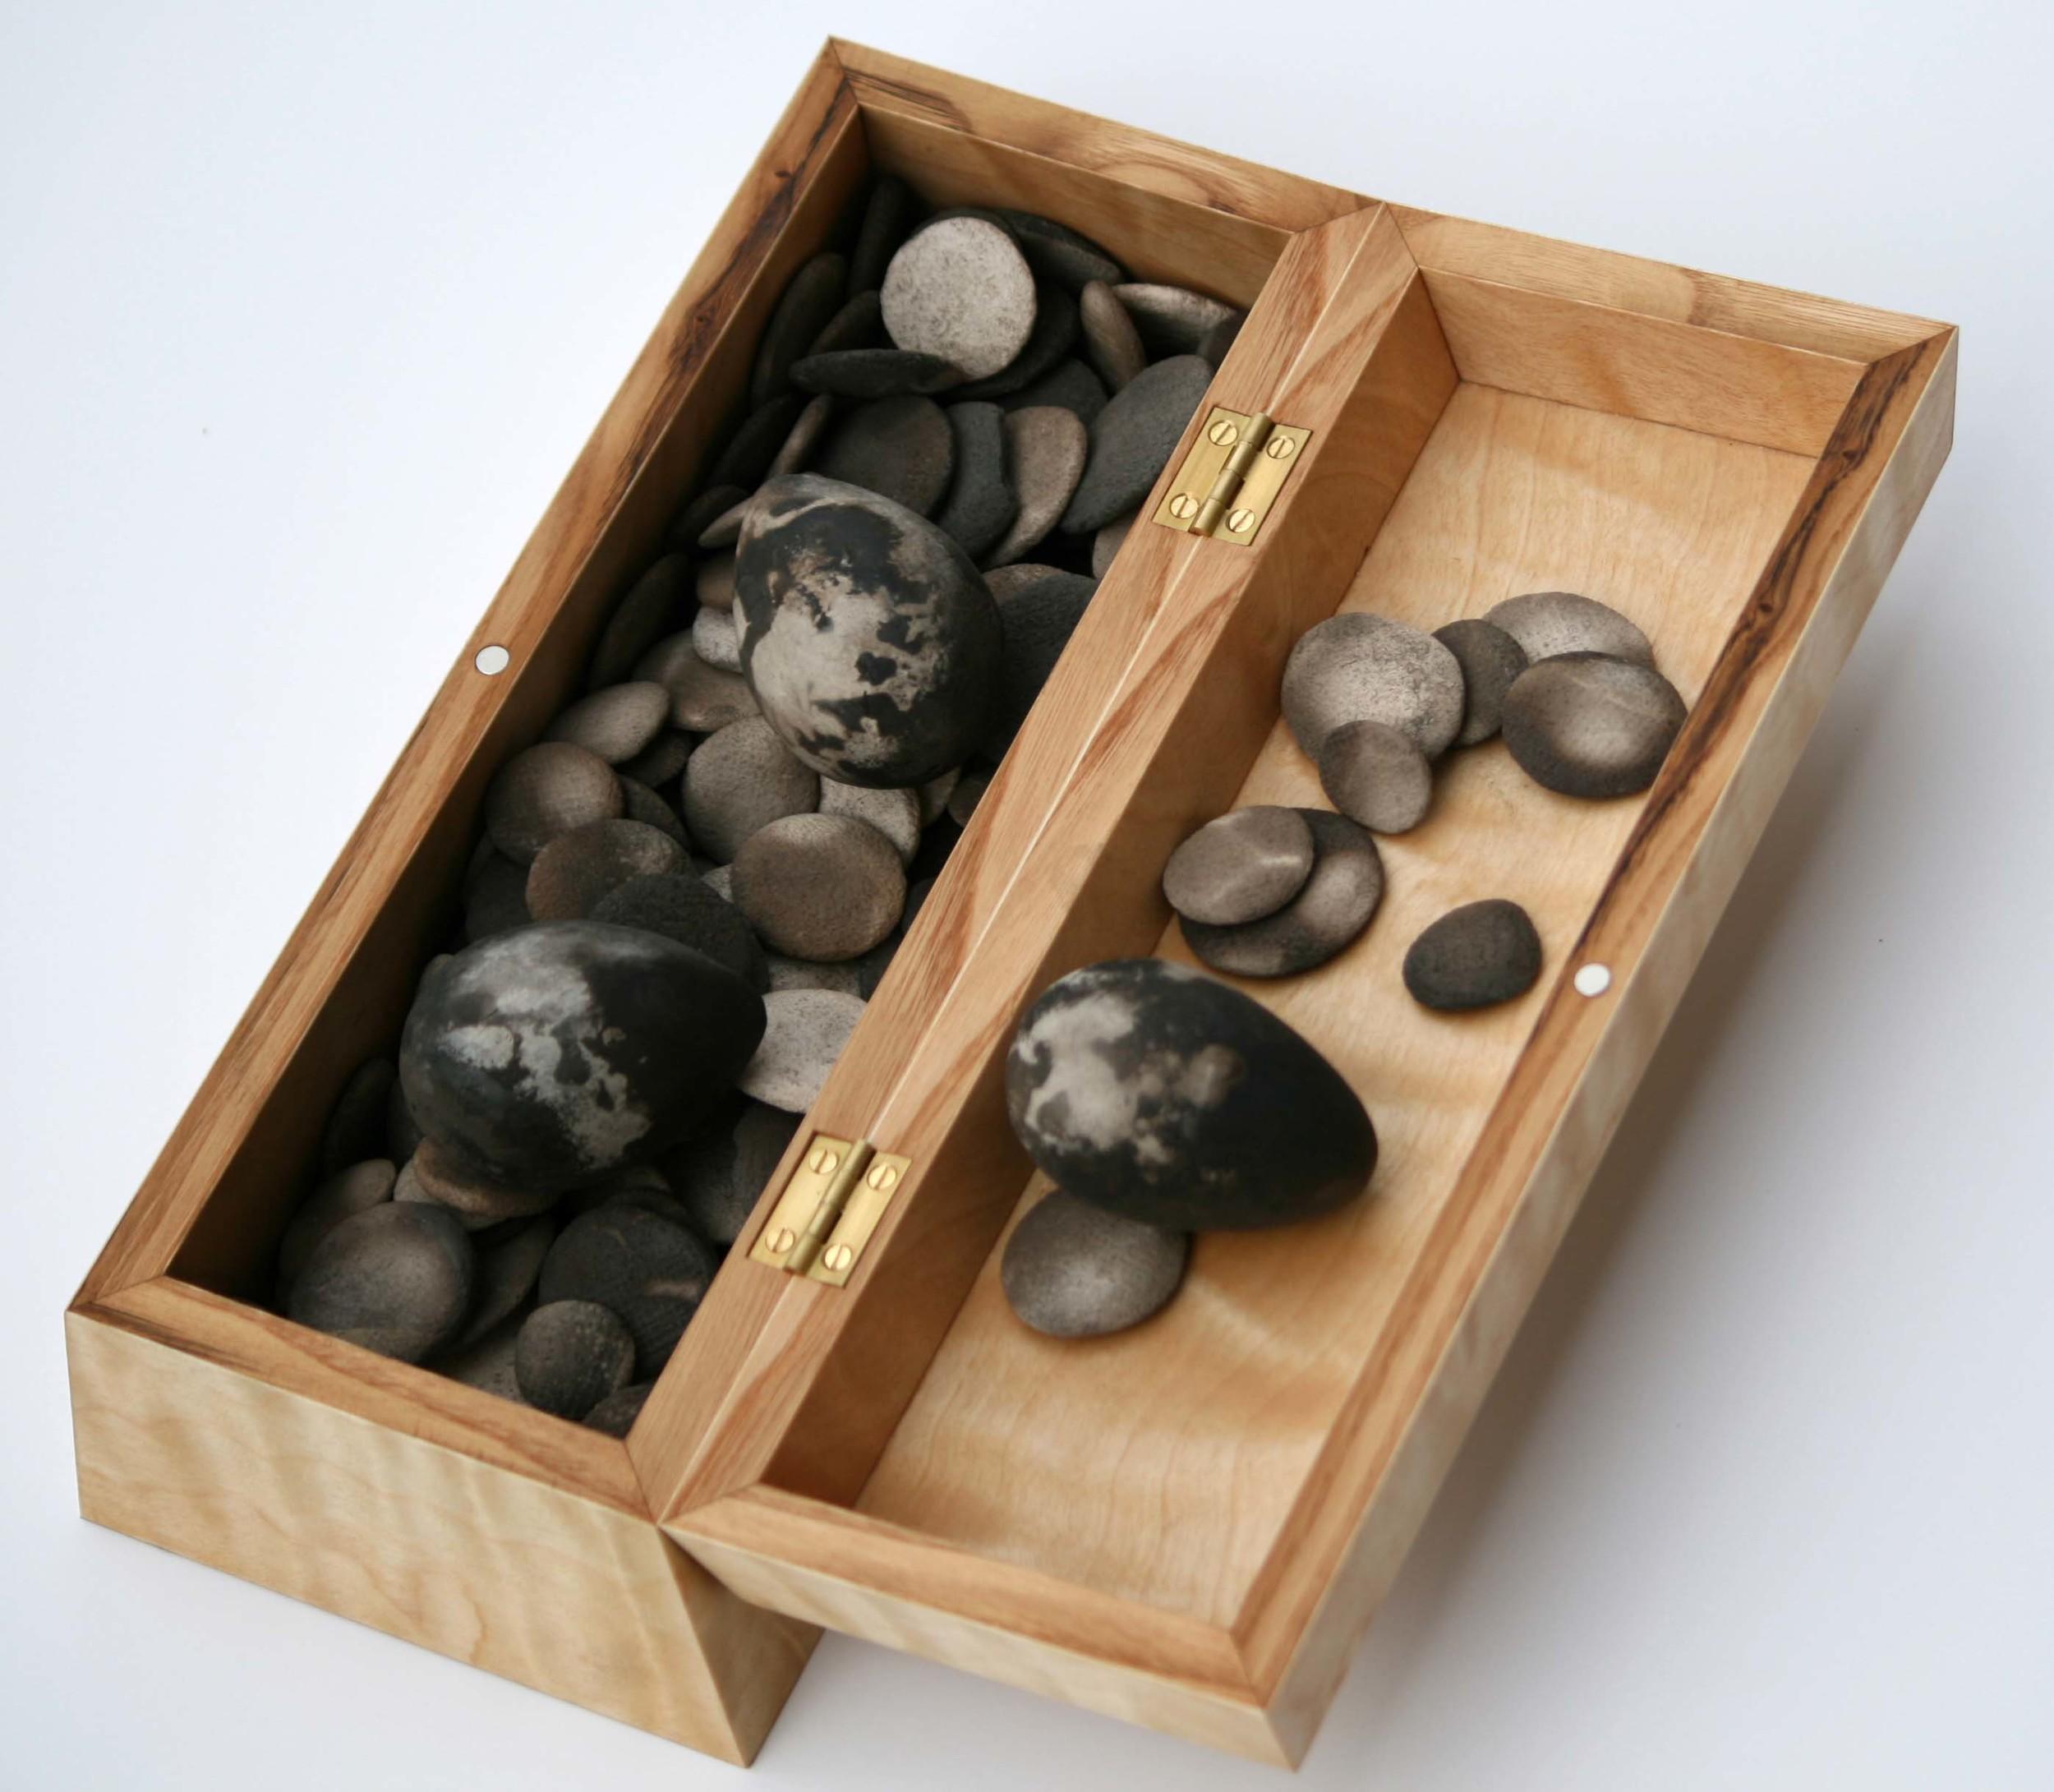 Ditty Box by John Cumming